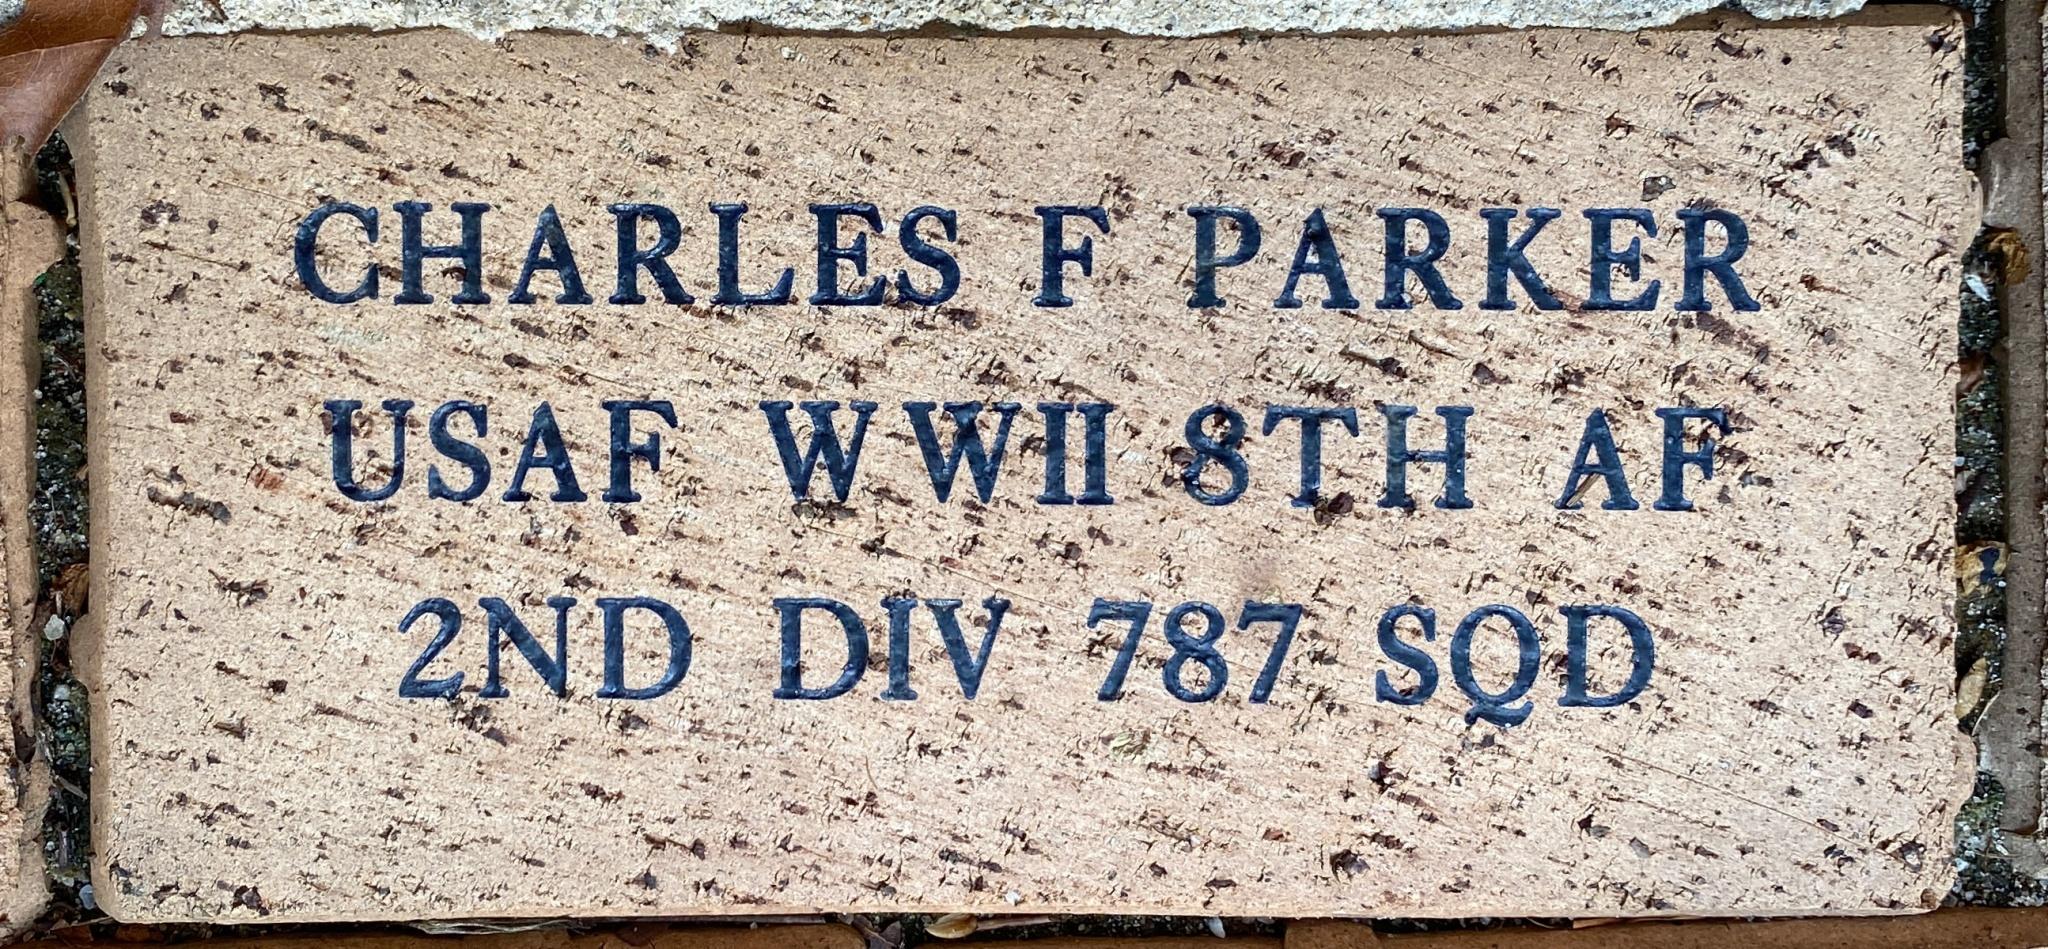 CHARLES F PARKER USAF WWII 8TH AF 2ND DIV 787 SQD